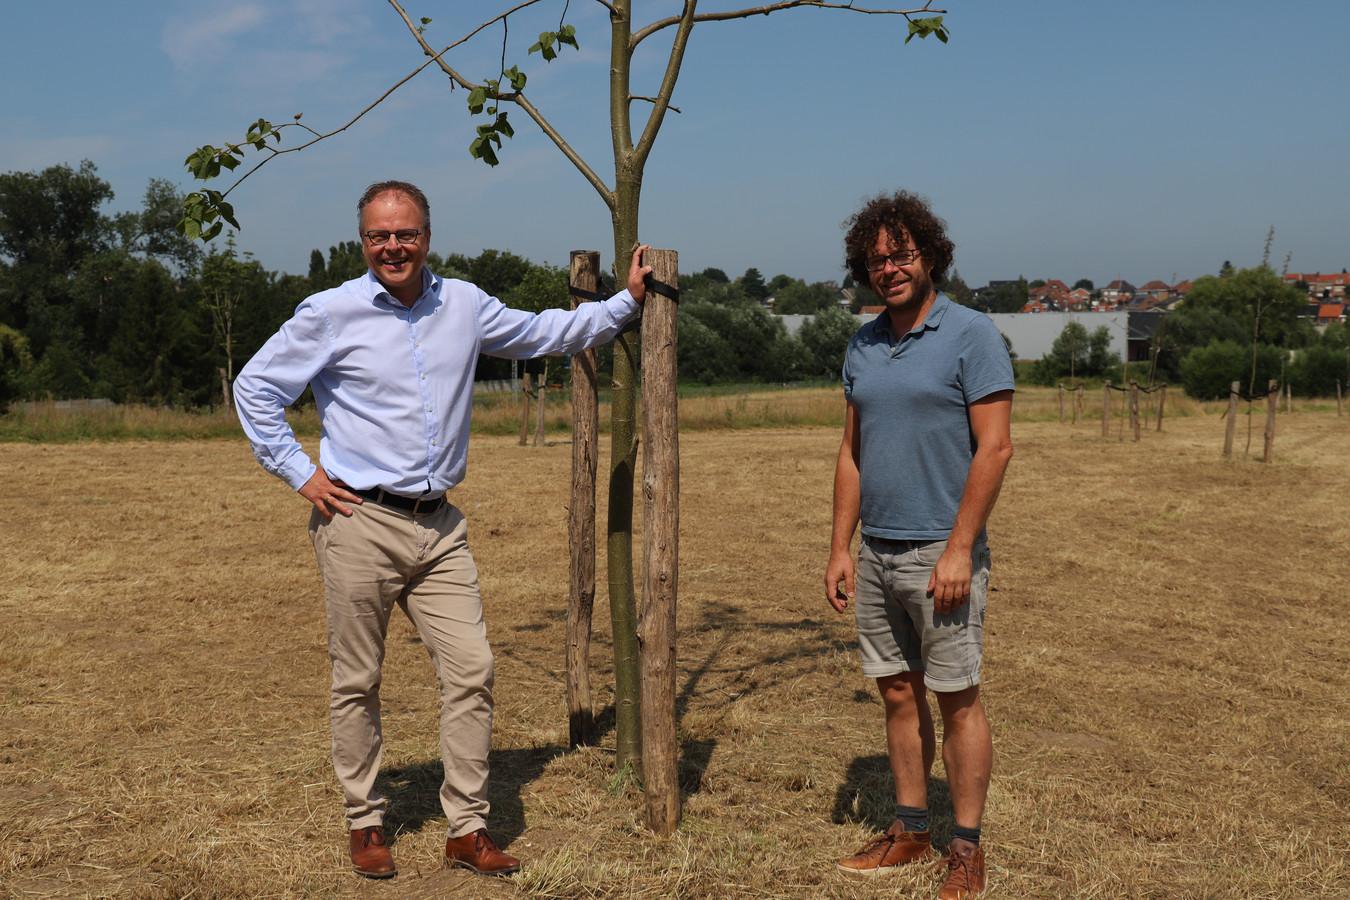 Regionaal landschap en Sint-Pieters-Leeuw lanceren ideeënoproep voor inrichting nieuw Damiaanpark.